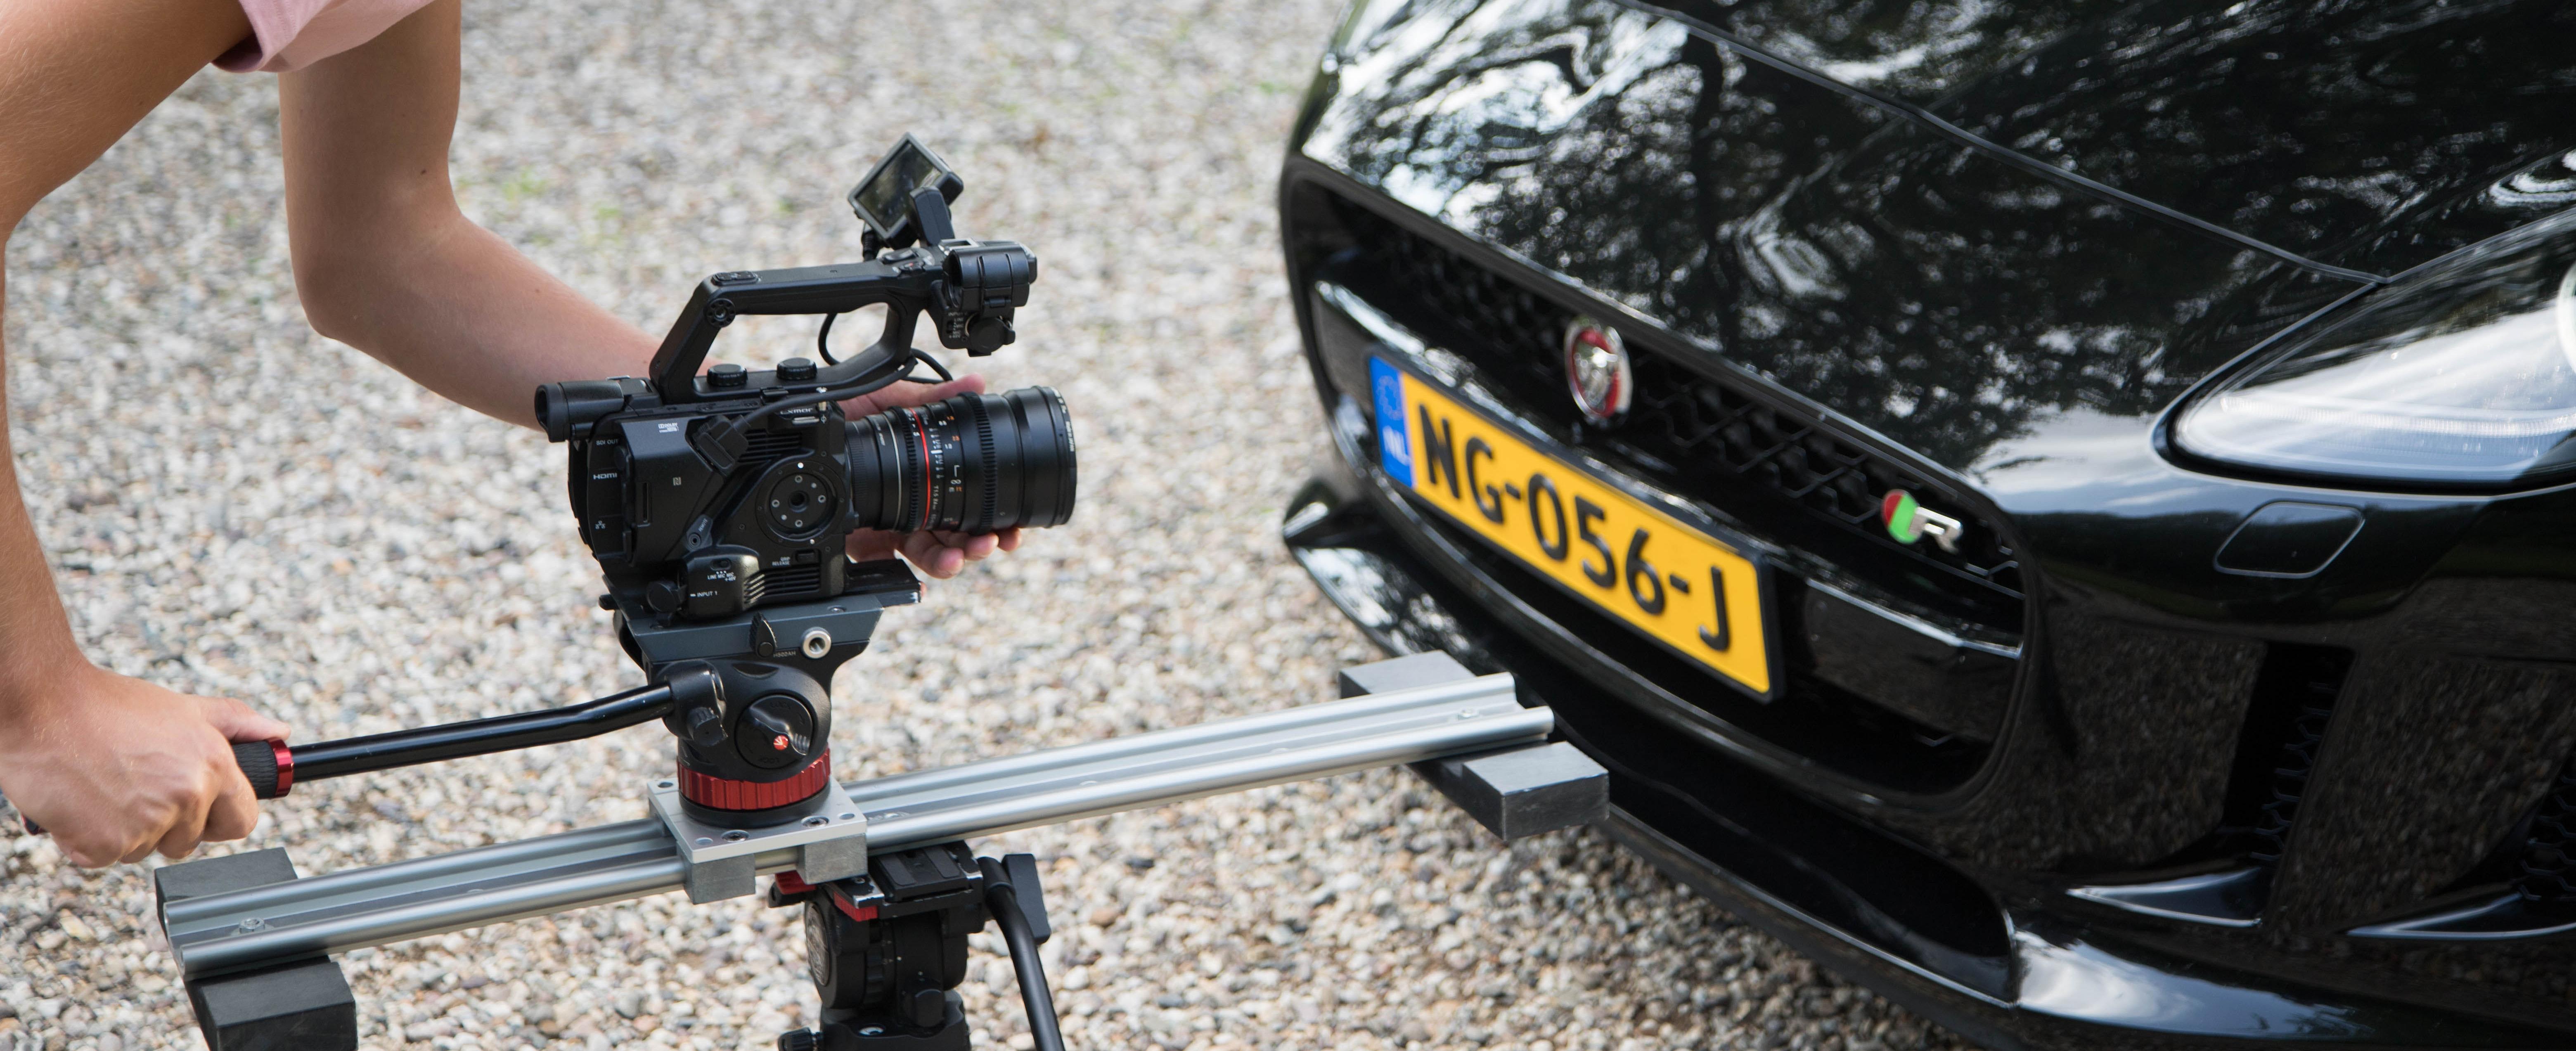 Videograaf in Friesland aan het filmen